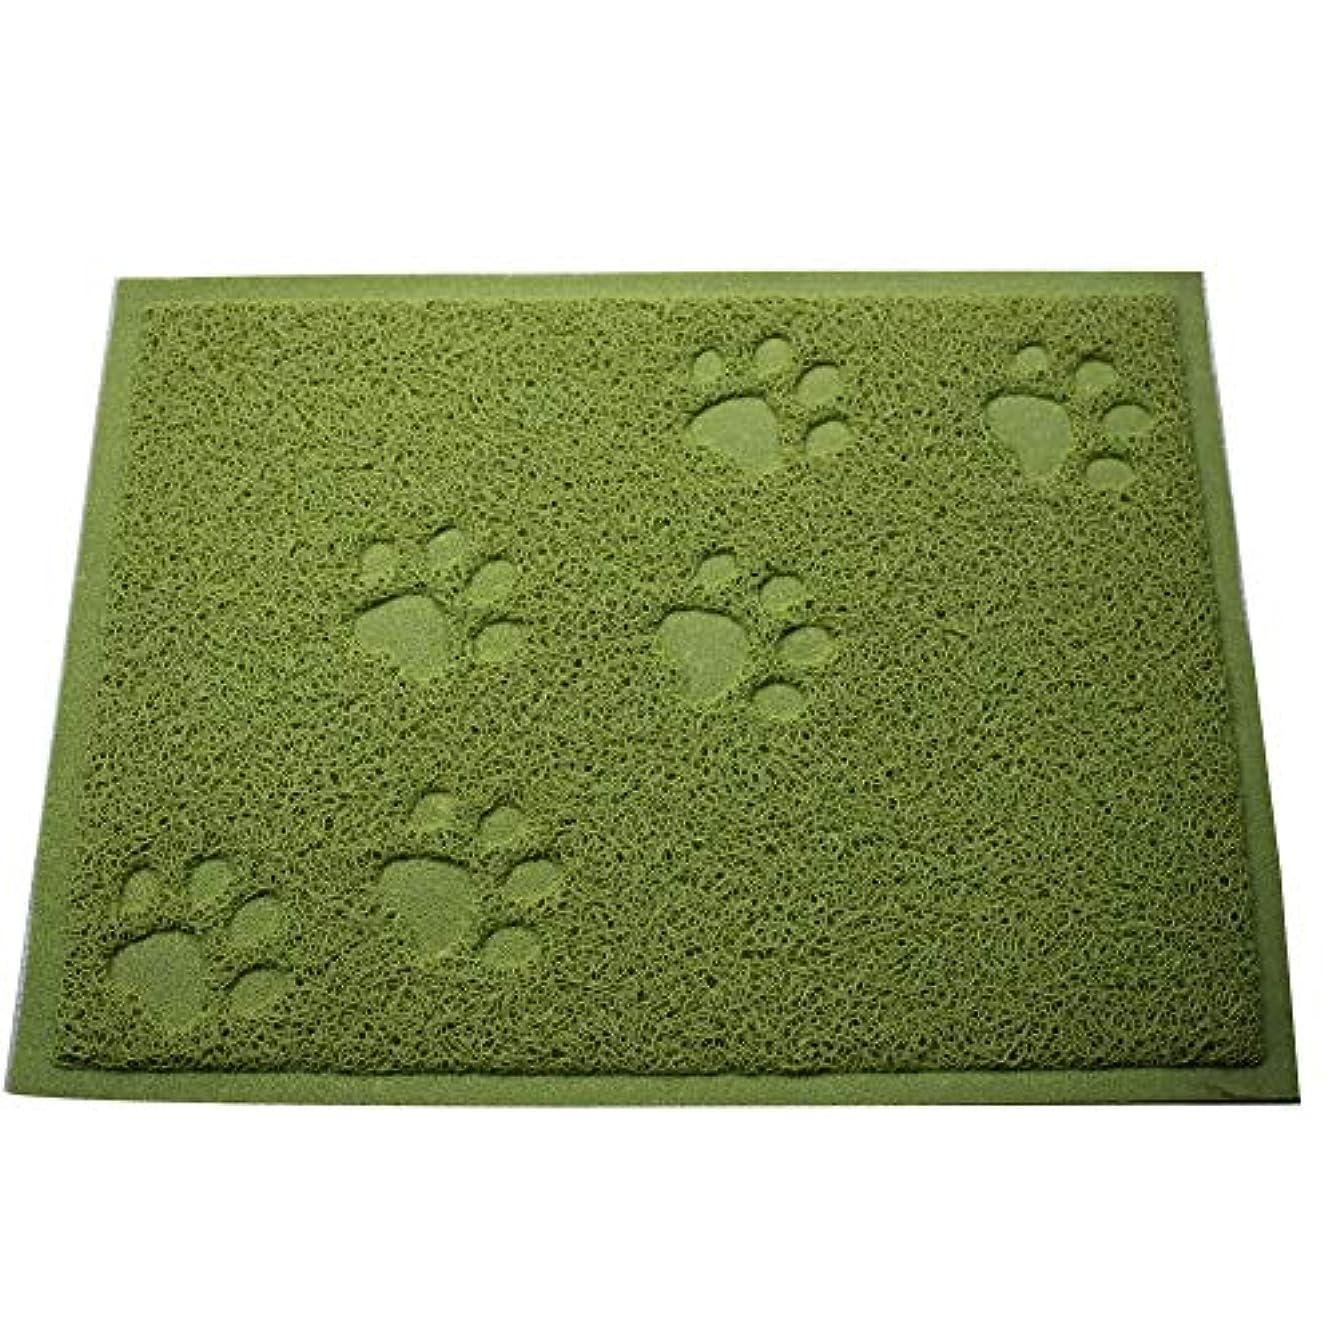 滞在スパン聖なるNXWLGS ペットパッド、スクエアパッド、携帯用ごみパッド、簡単にきれいな (色 : Apple Green)